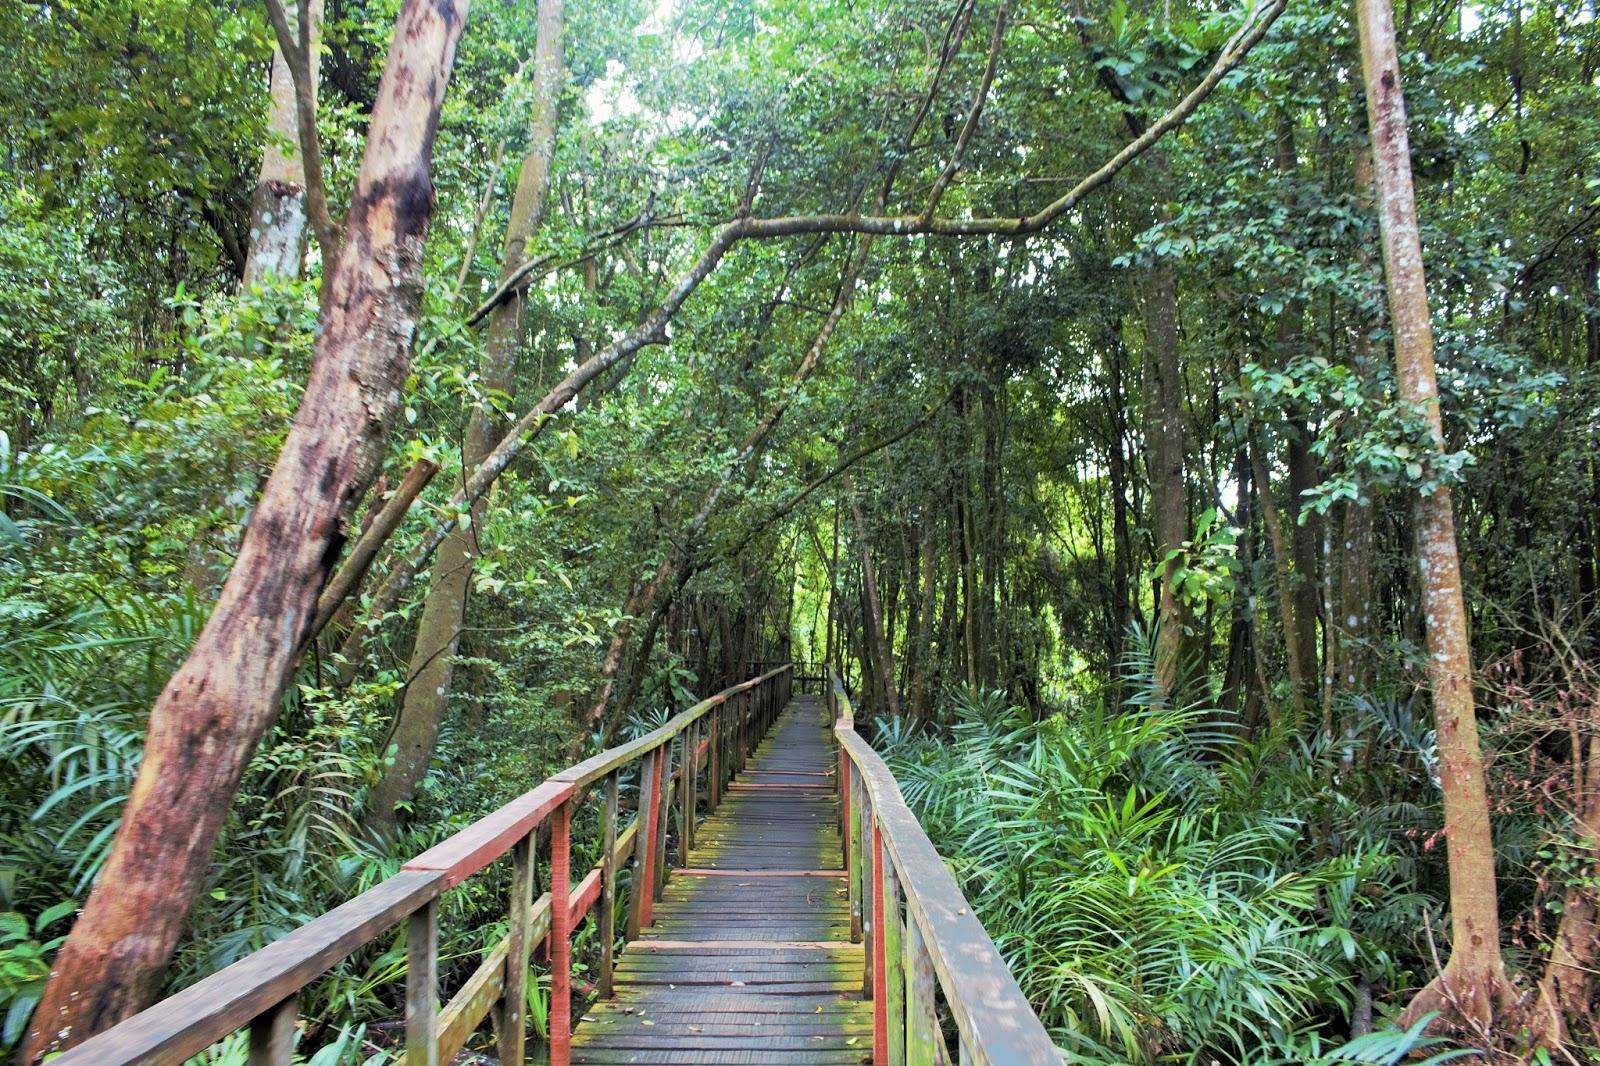 Dense vegetation and boardwalk at lekki conservation centre